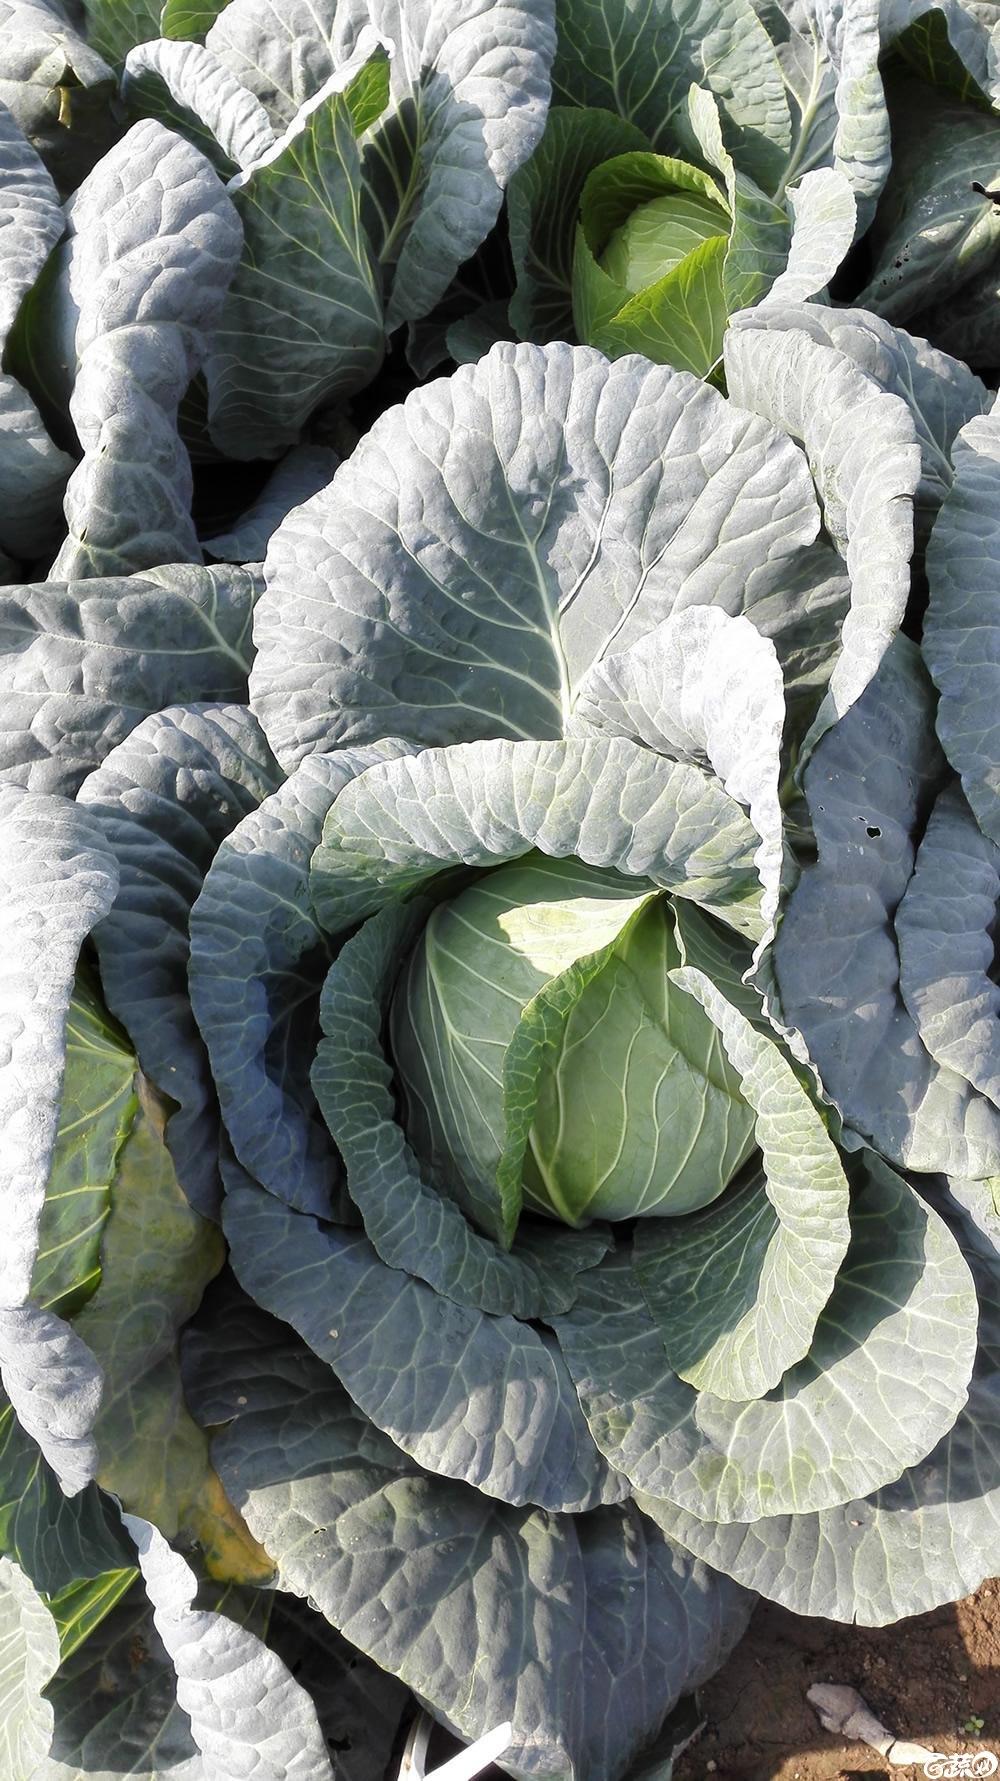 2014年12月10号广州市农科院南沙秋季蔬菜新品种展示会 甘蓝_130.jpg